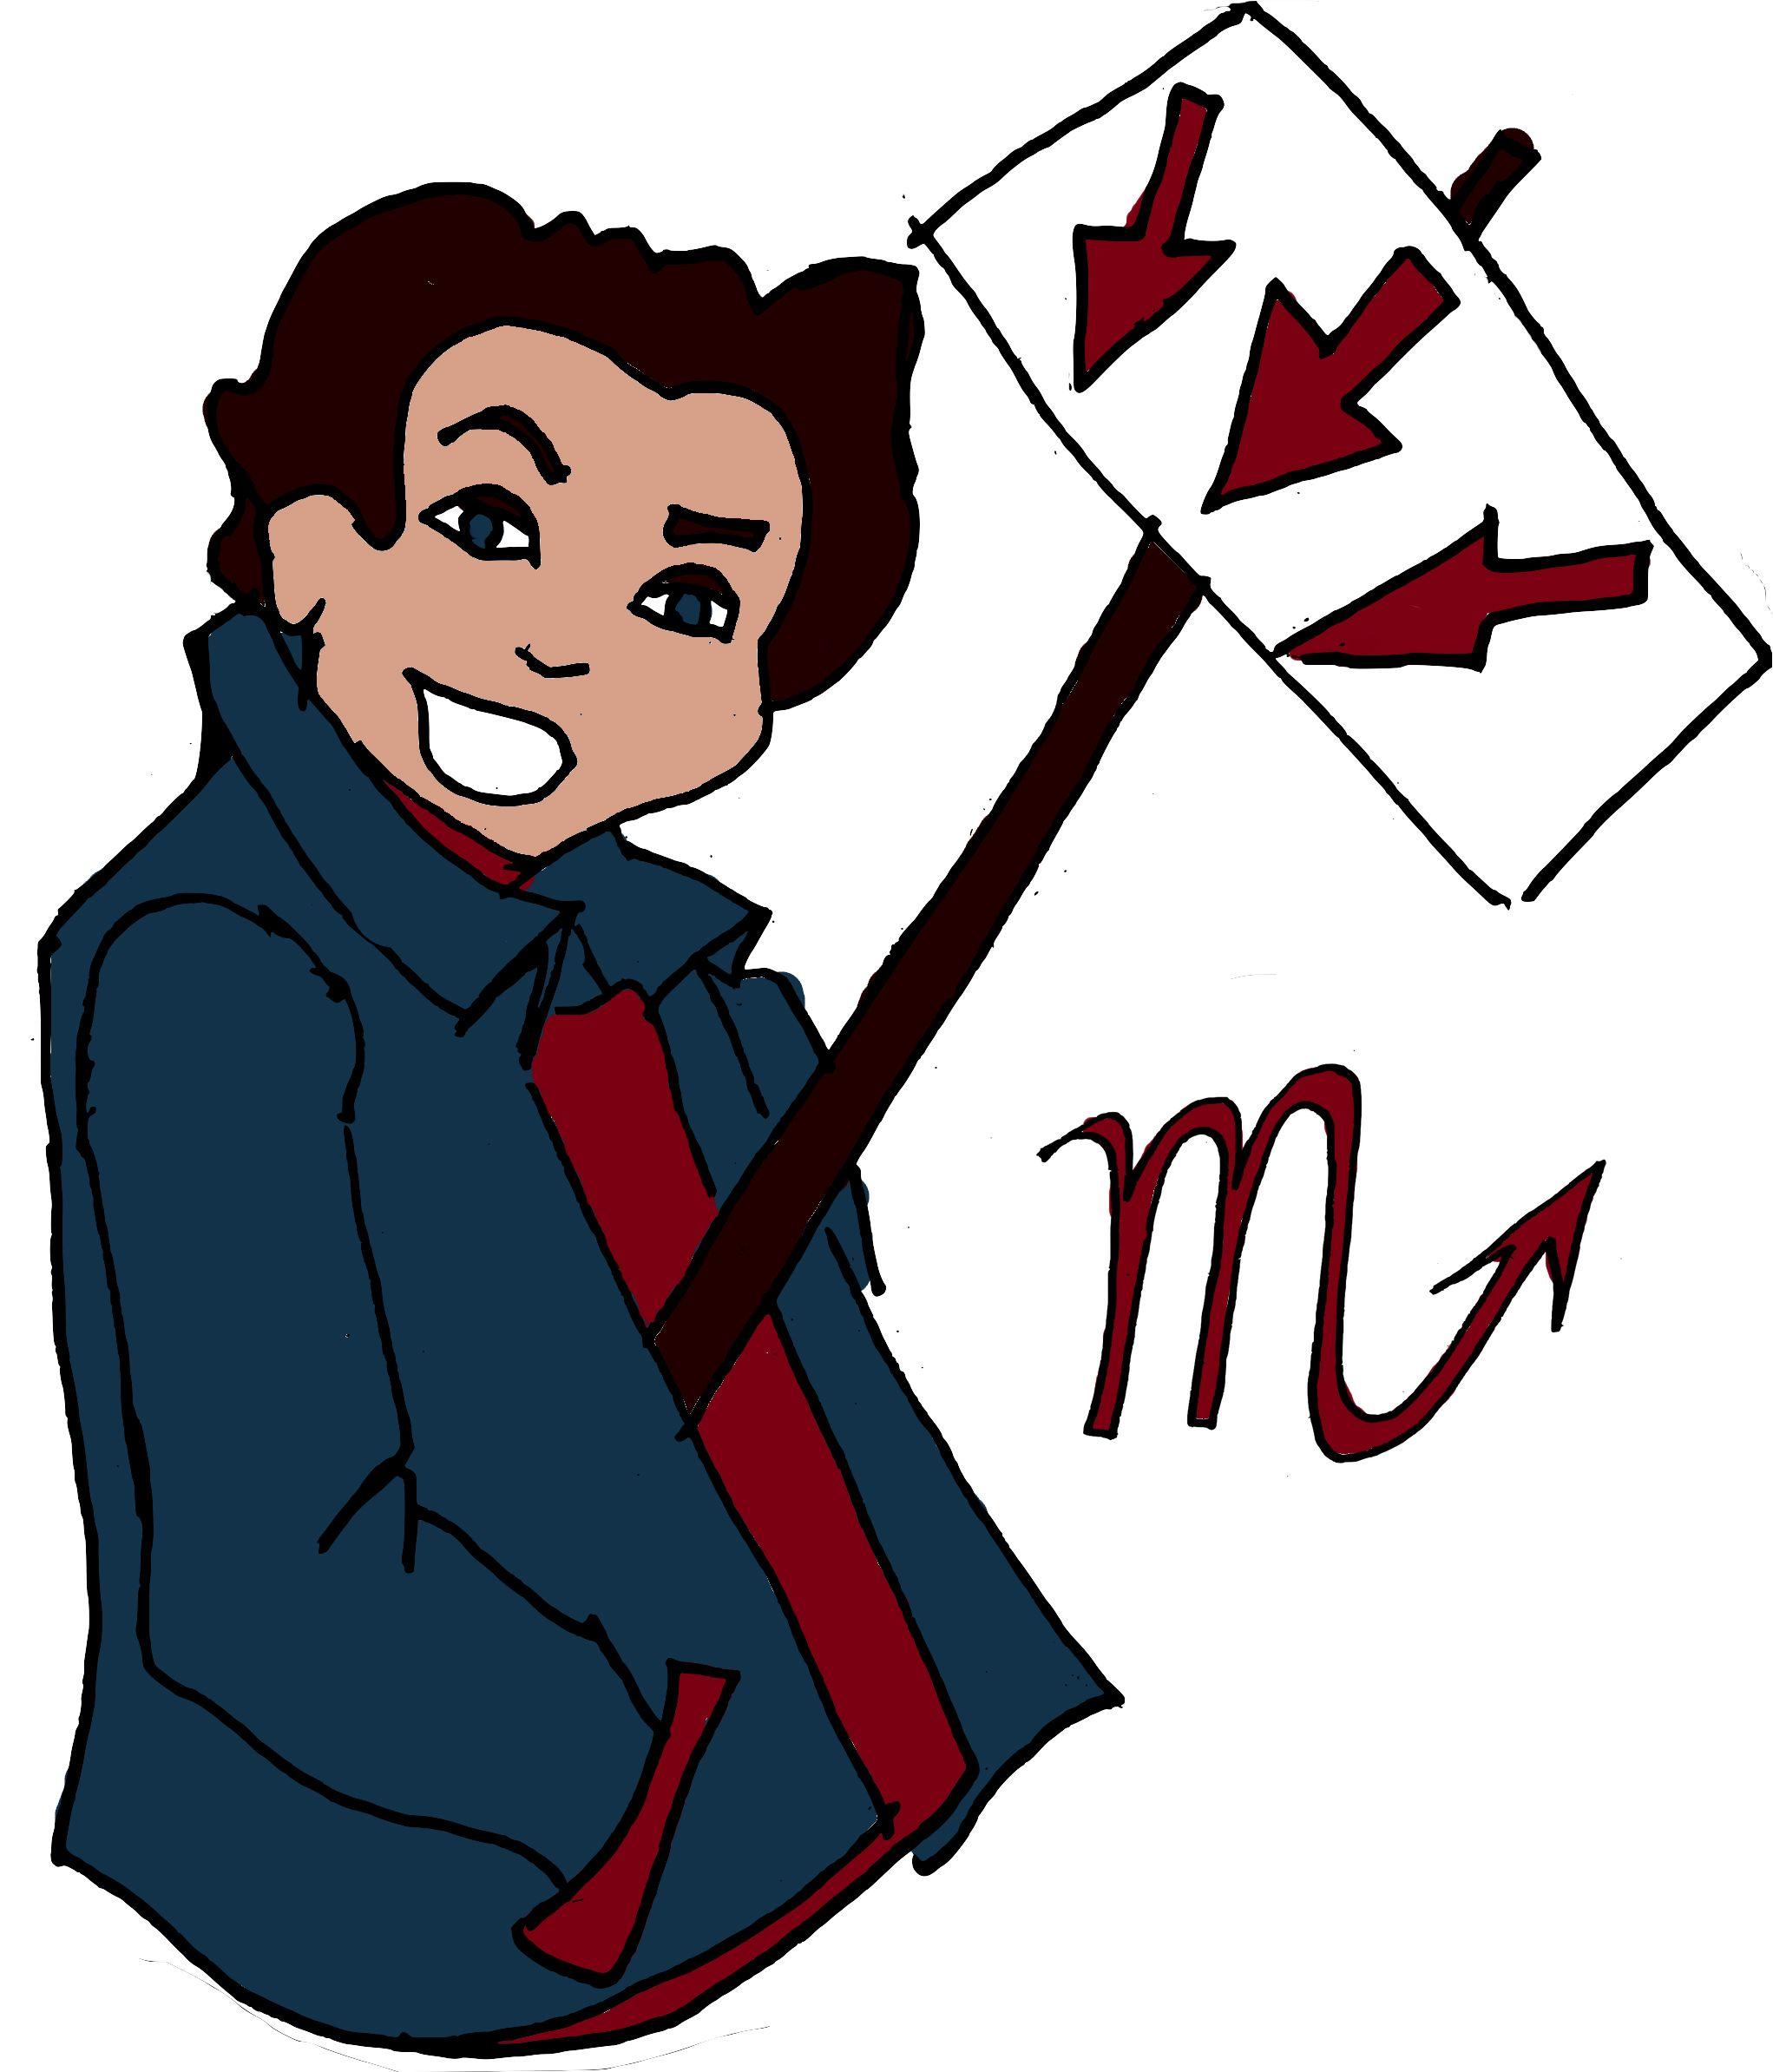 Image may contain: Drawing, Art, Trademark, Logo